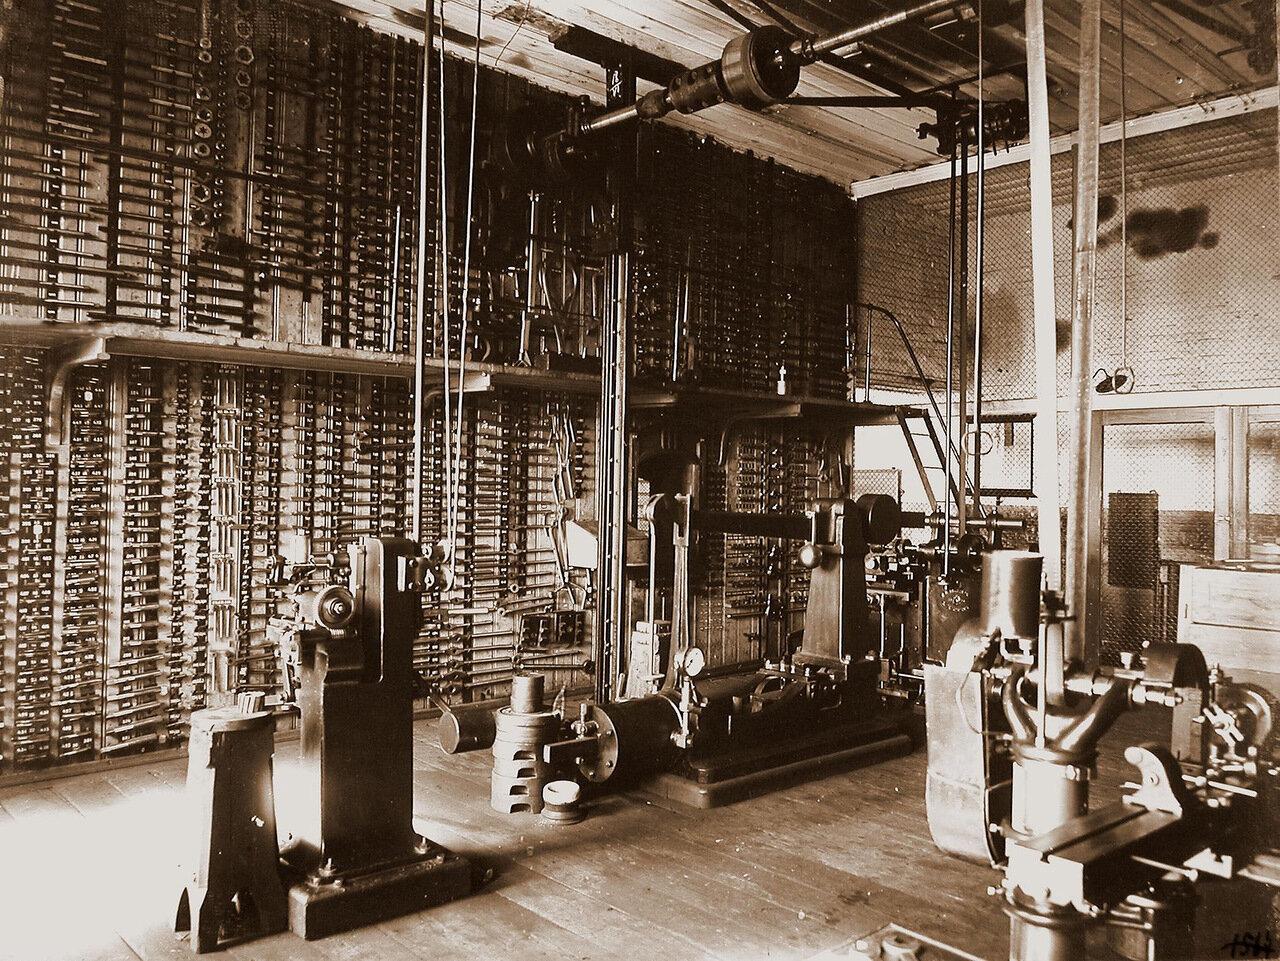 33. Вид станков (на первом плане) и инструментов плашек для нарезки внутренней и наружной резьбы в одном из цехов мастерской